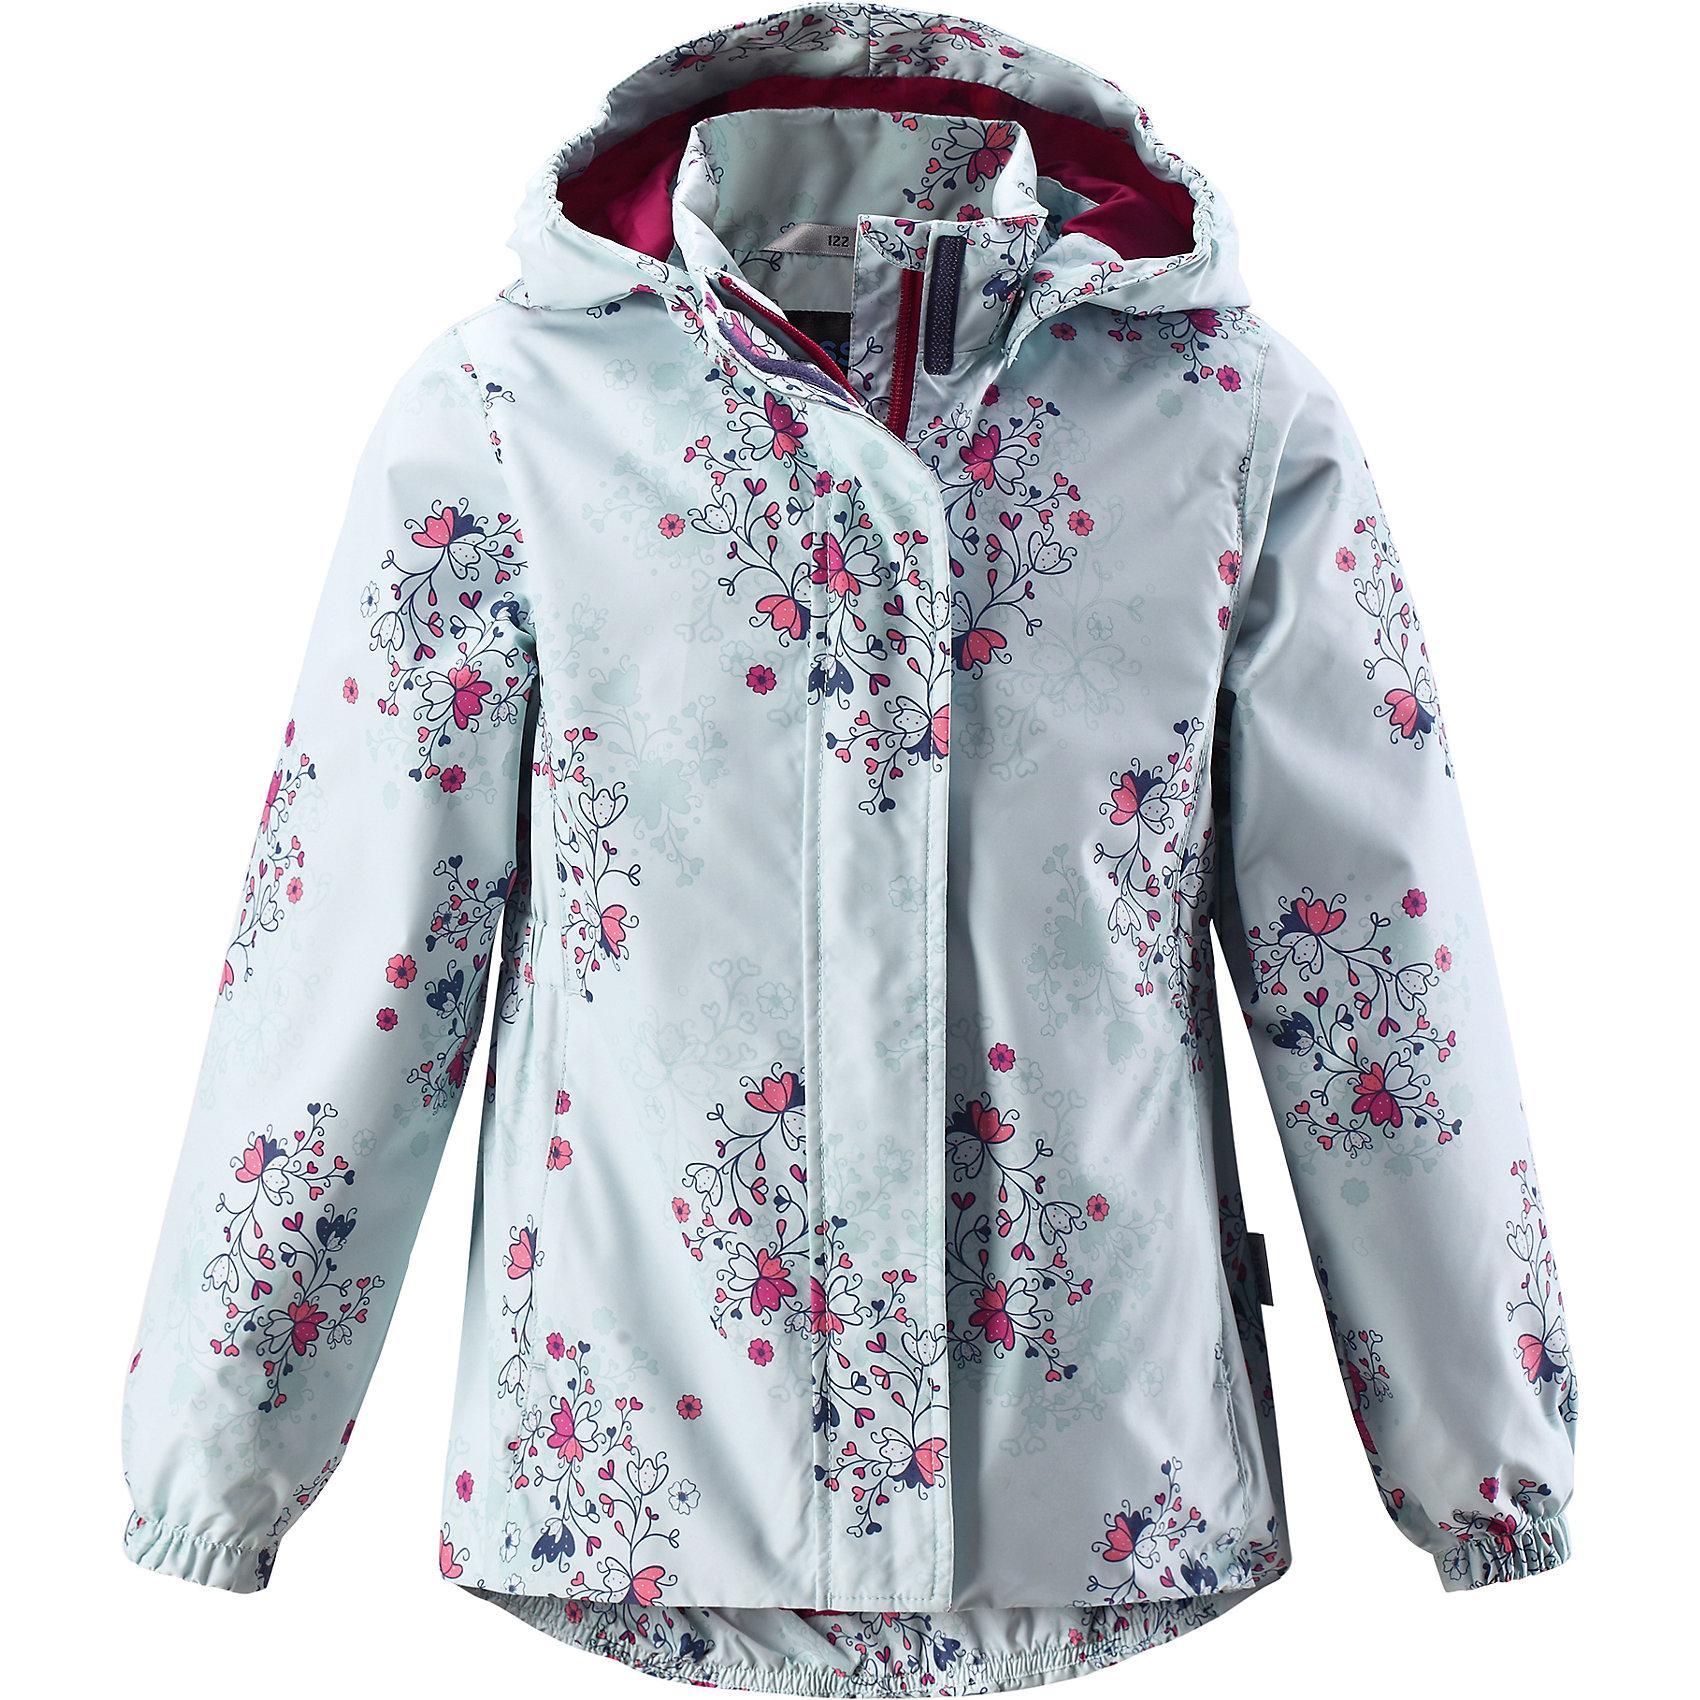 Куртка для девочки LASSIEКурткадля девочки LASSIE<br>Состав:<br>100% Полиэстер, полиуретановое покрытие<br> Куртка для детей<br> Водоотталкивающий, ветронепроницаемый и «дышащий» материал<br> Крой для девочек<br> Подкладка из mesh-сетки<br> Безопасный, съемный капюшон<br> Эластичные манжеты<br> Эластичная талия<br> Эластичная кромка подола<br> Карманы в боковых швах<br><br>Ширина мм: 356<br>Глубина мм: 10<br>Высота мм: 245<br>Вес г: 519<br>Цвет: белый<br>Возраст от месяцев: 60<br>Возраст до месяцев: 72<br>Пол: Женский<br>Возраст: Детский<br>Размер: 92,122,116,98,134,104,140,110,128<br>SKU: 5264525